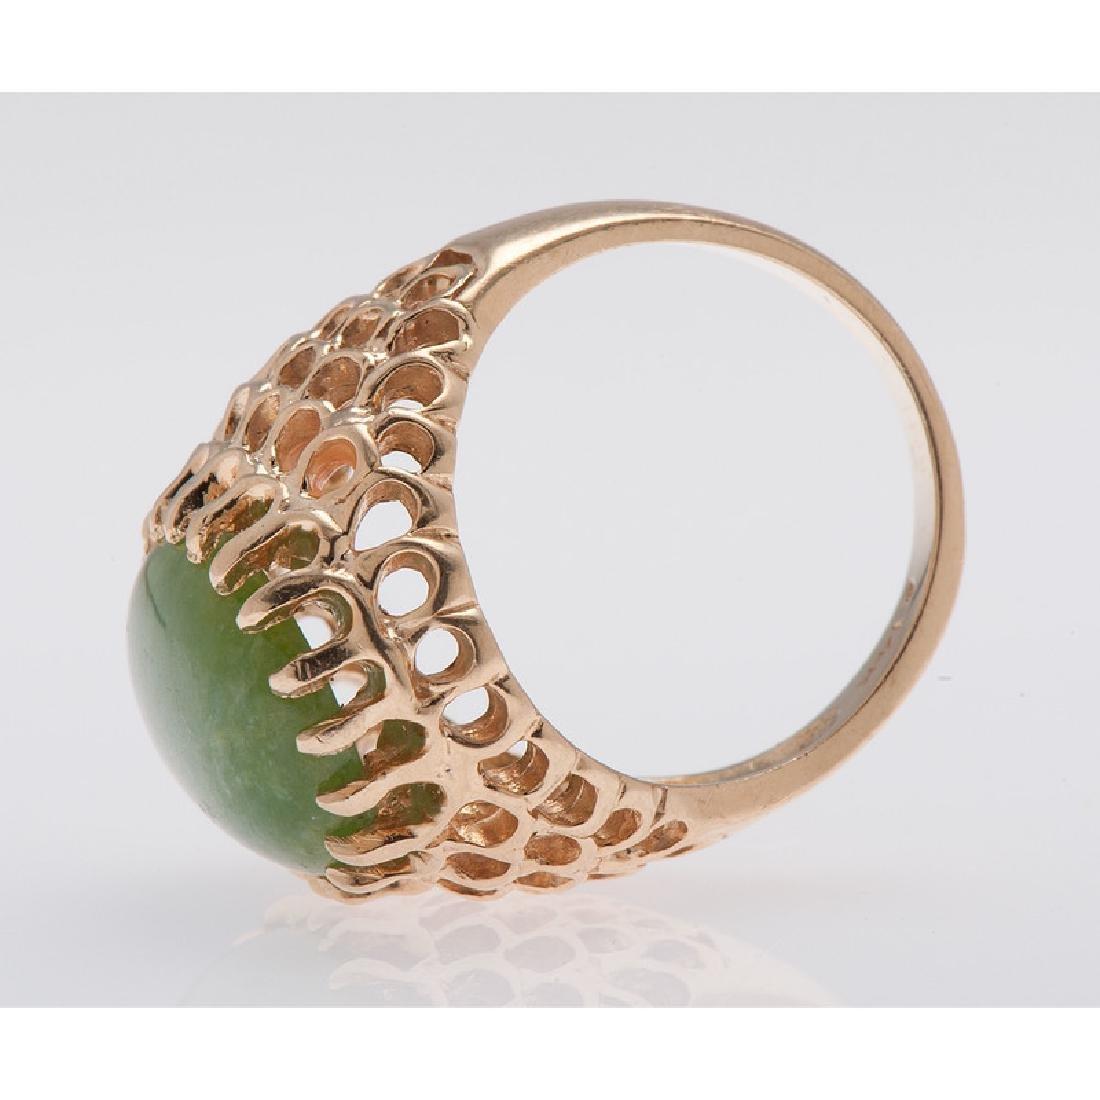 14 Karat Yellow Gold Jade Ring - 4